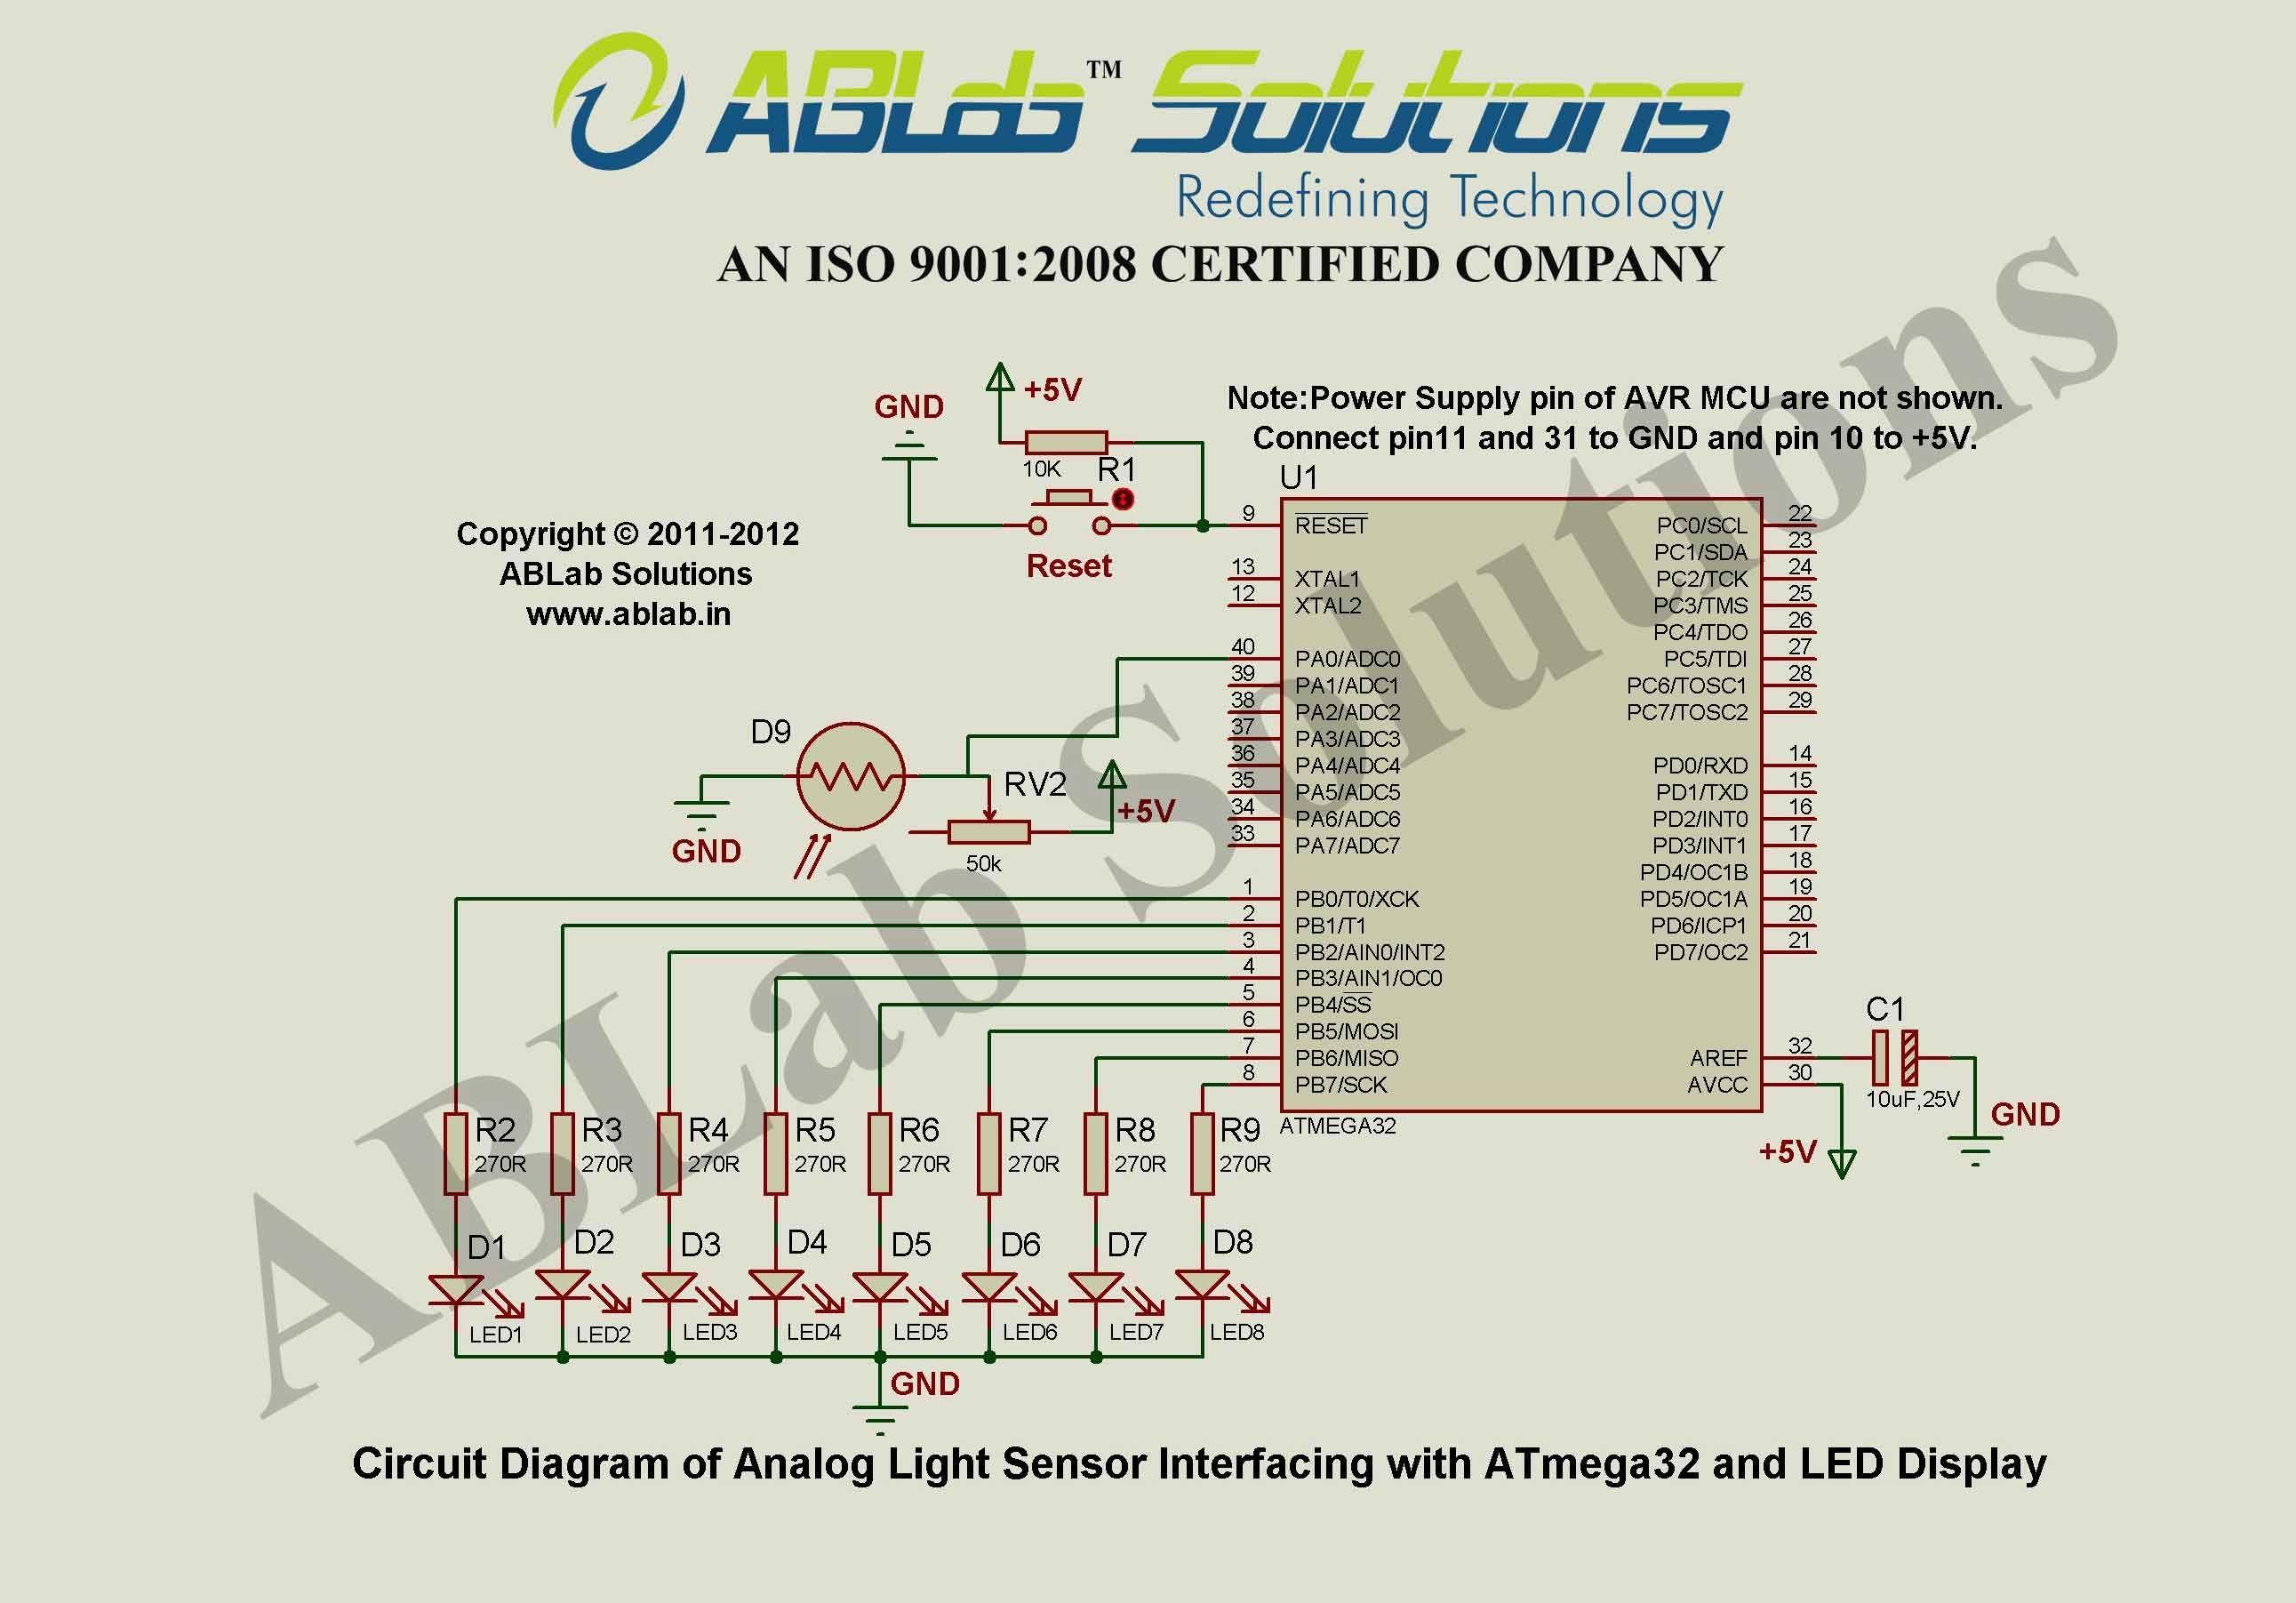 Analog-Light-Sensor-Interfacing-with-AVR ATmega32 Microcontroller ...